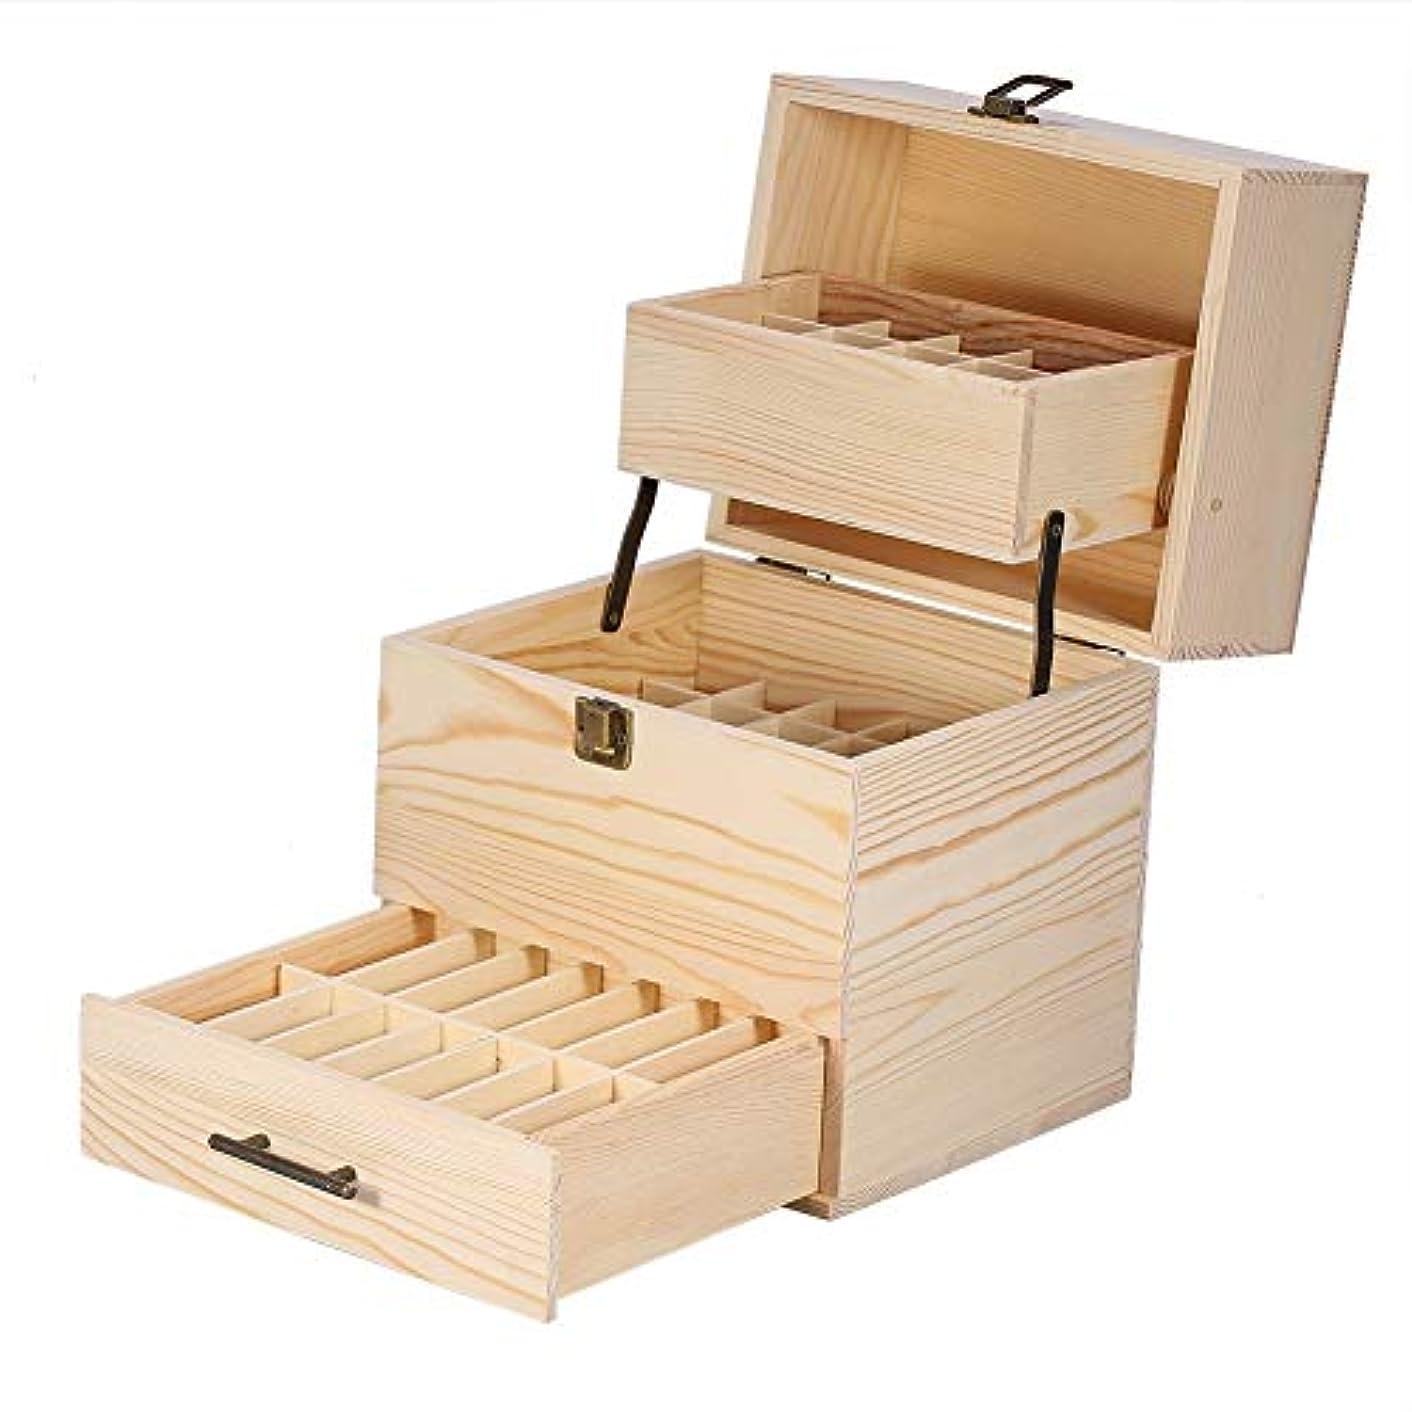 立証するアドバイス協定木製の三層エッセンシャルオイル収納ボックス